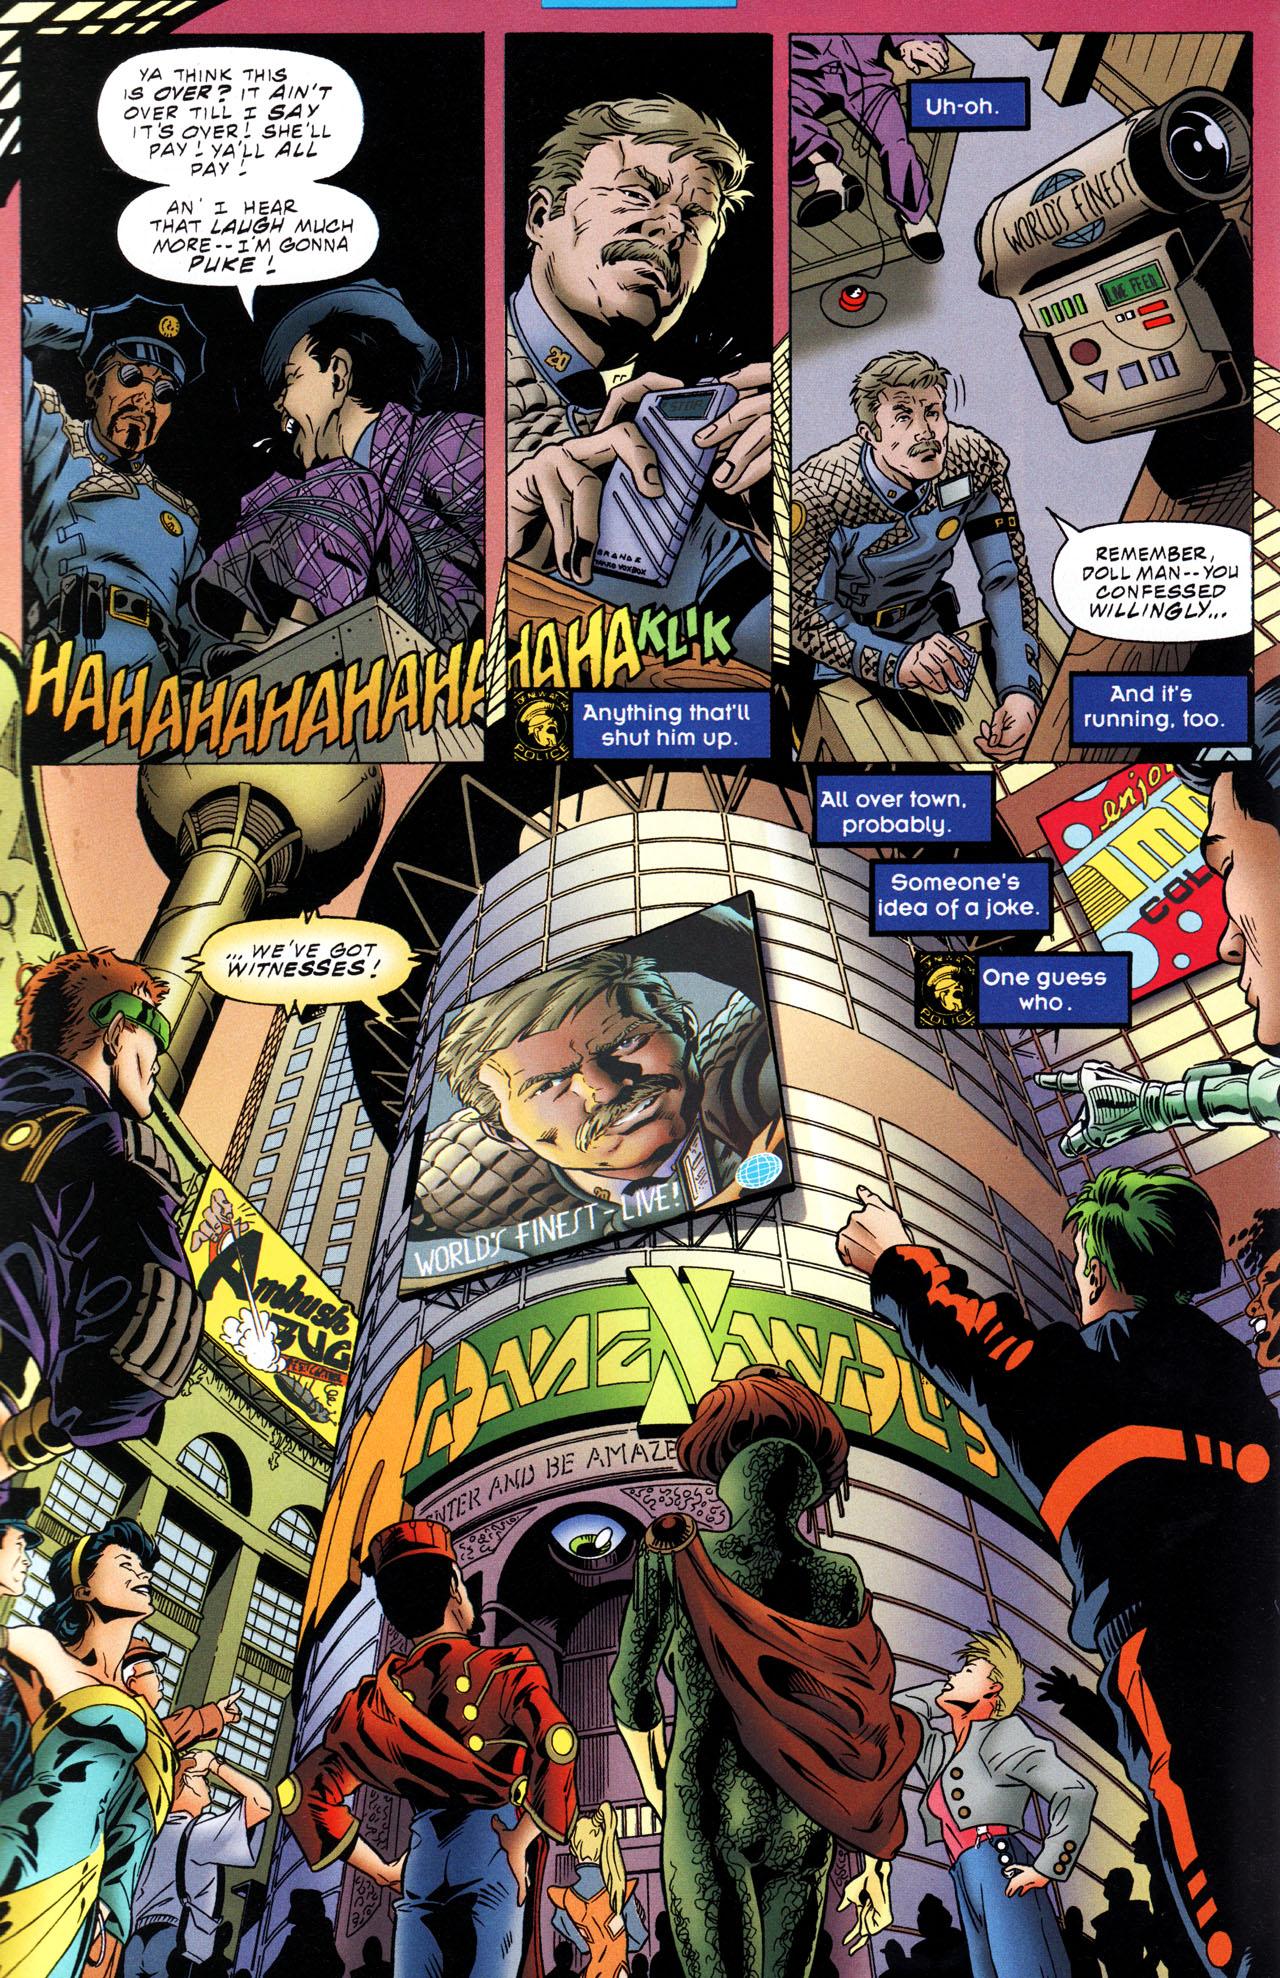 Read online Tangent Comics/ The Joker comic -  Issue # Full - 8